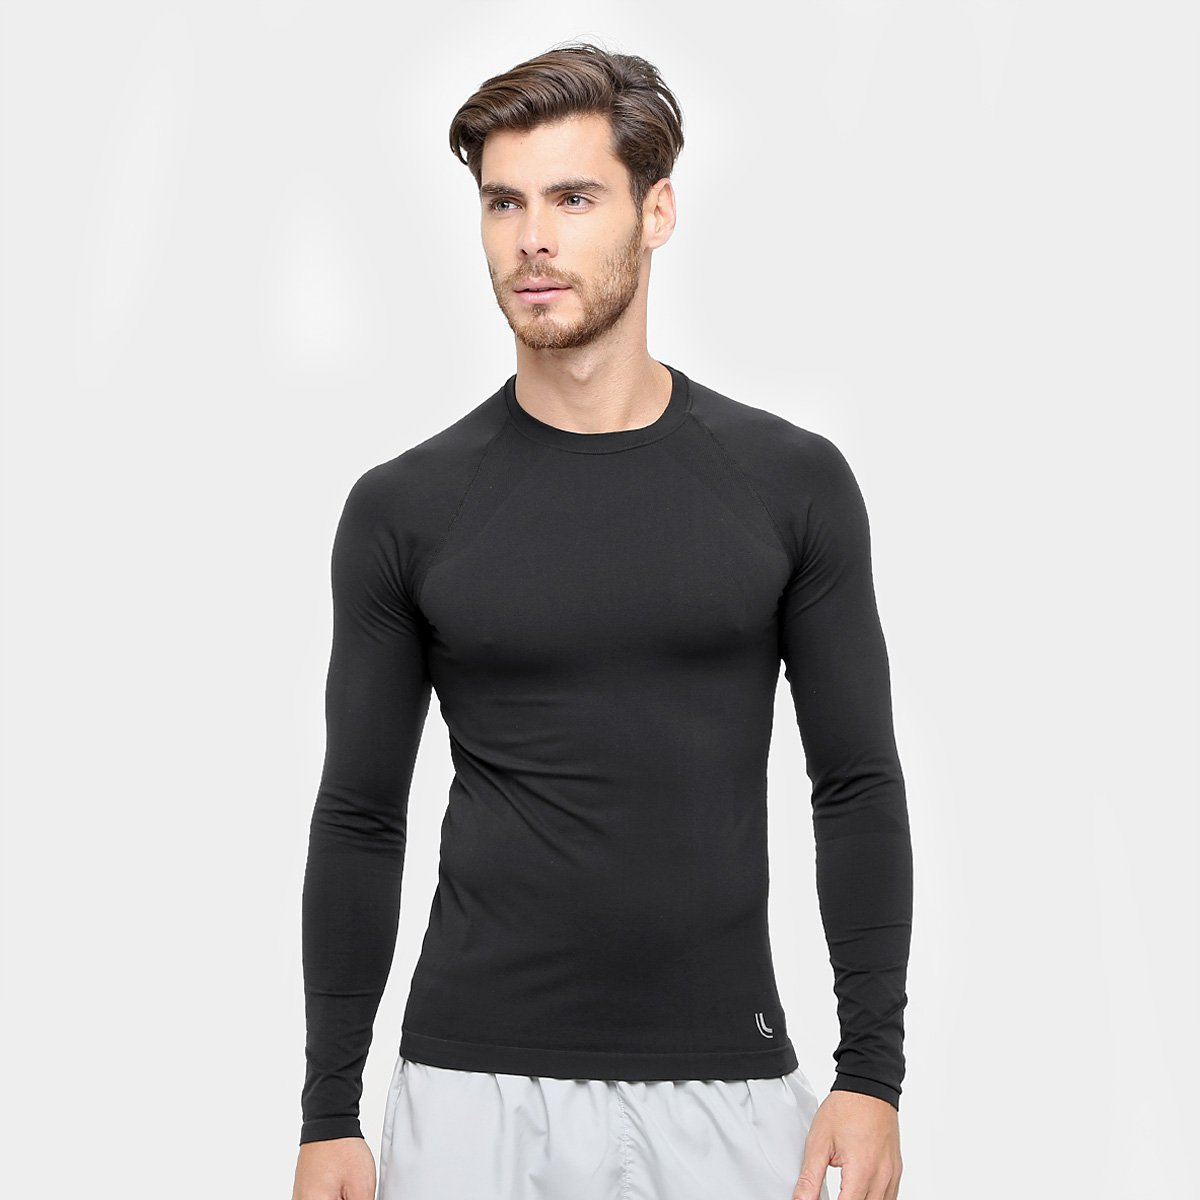 Camiseta de Compressão Lupo Sport Run Manga Longa - Preto - Compre Agora  4b43c9b8d2f